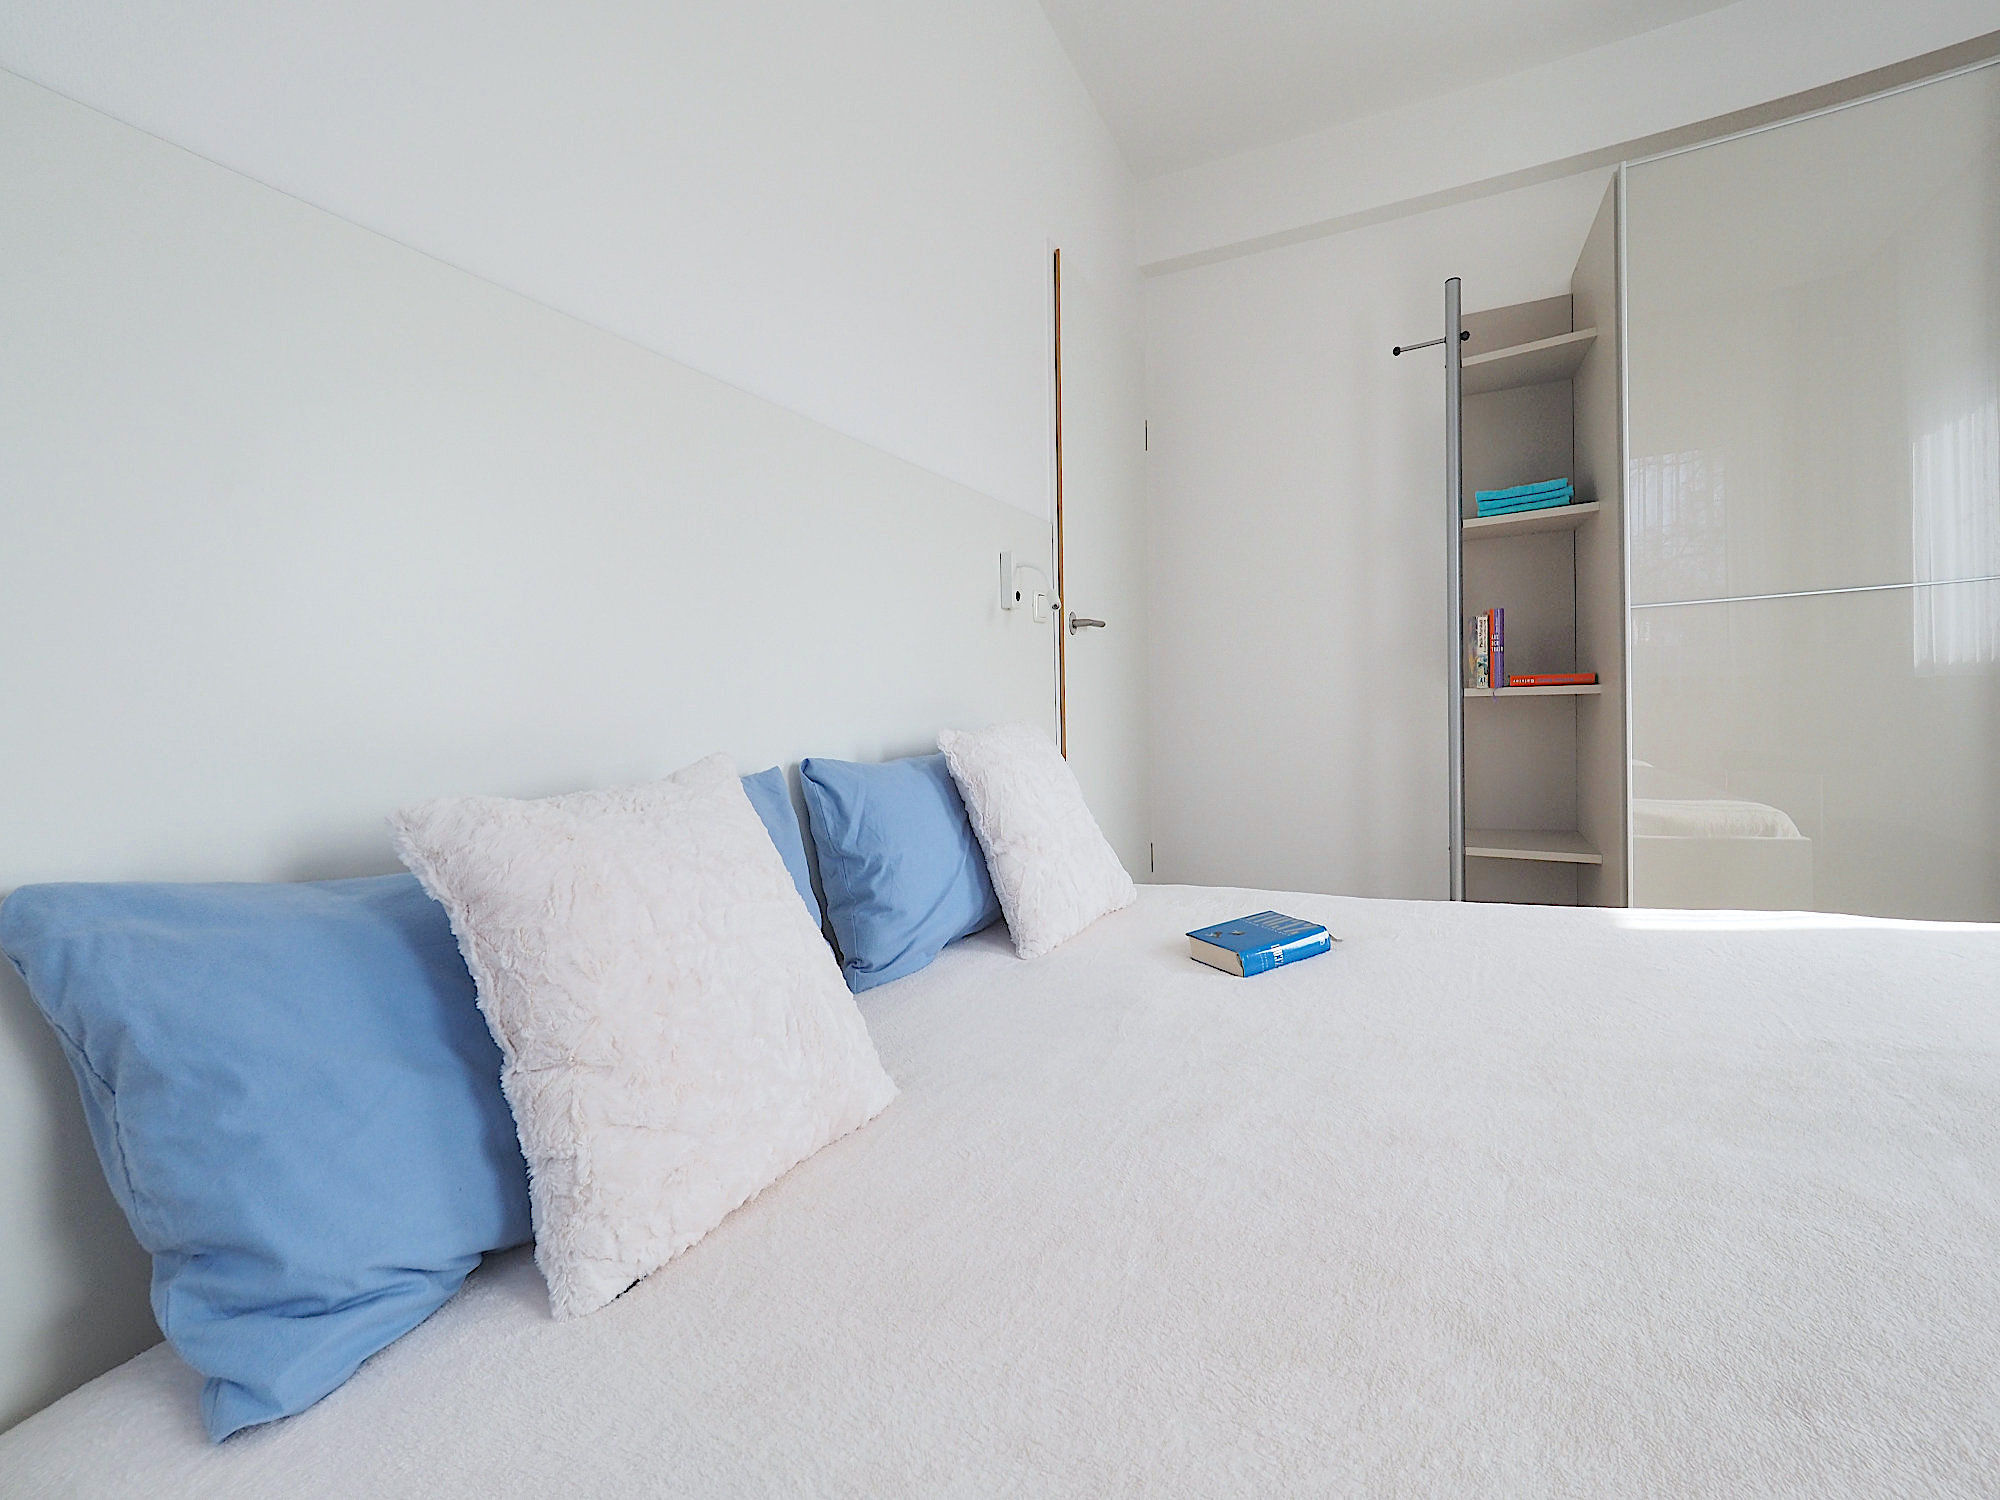 Zweites Schlafzimmer mit Doppelbett, dahinter ein großer Kleiderschrank mit Schiebetüren und Regalteil